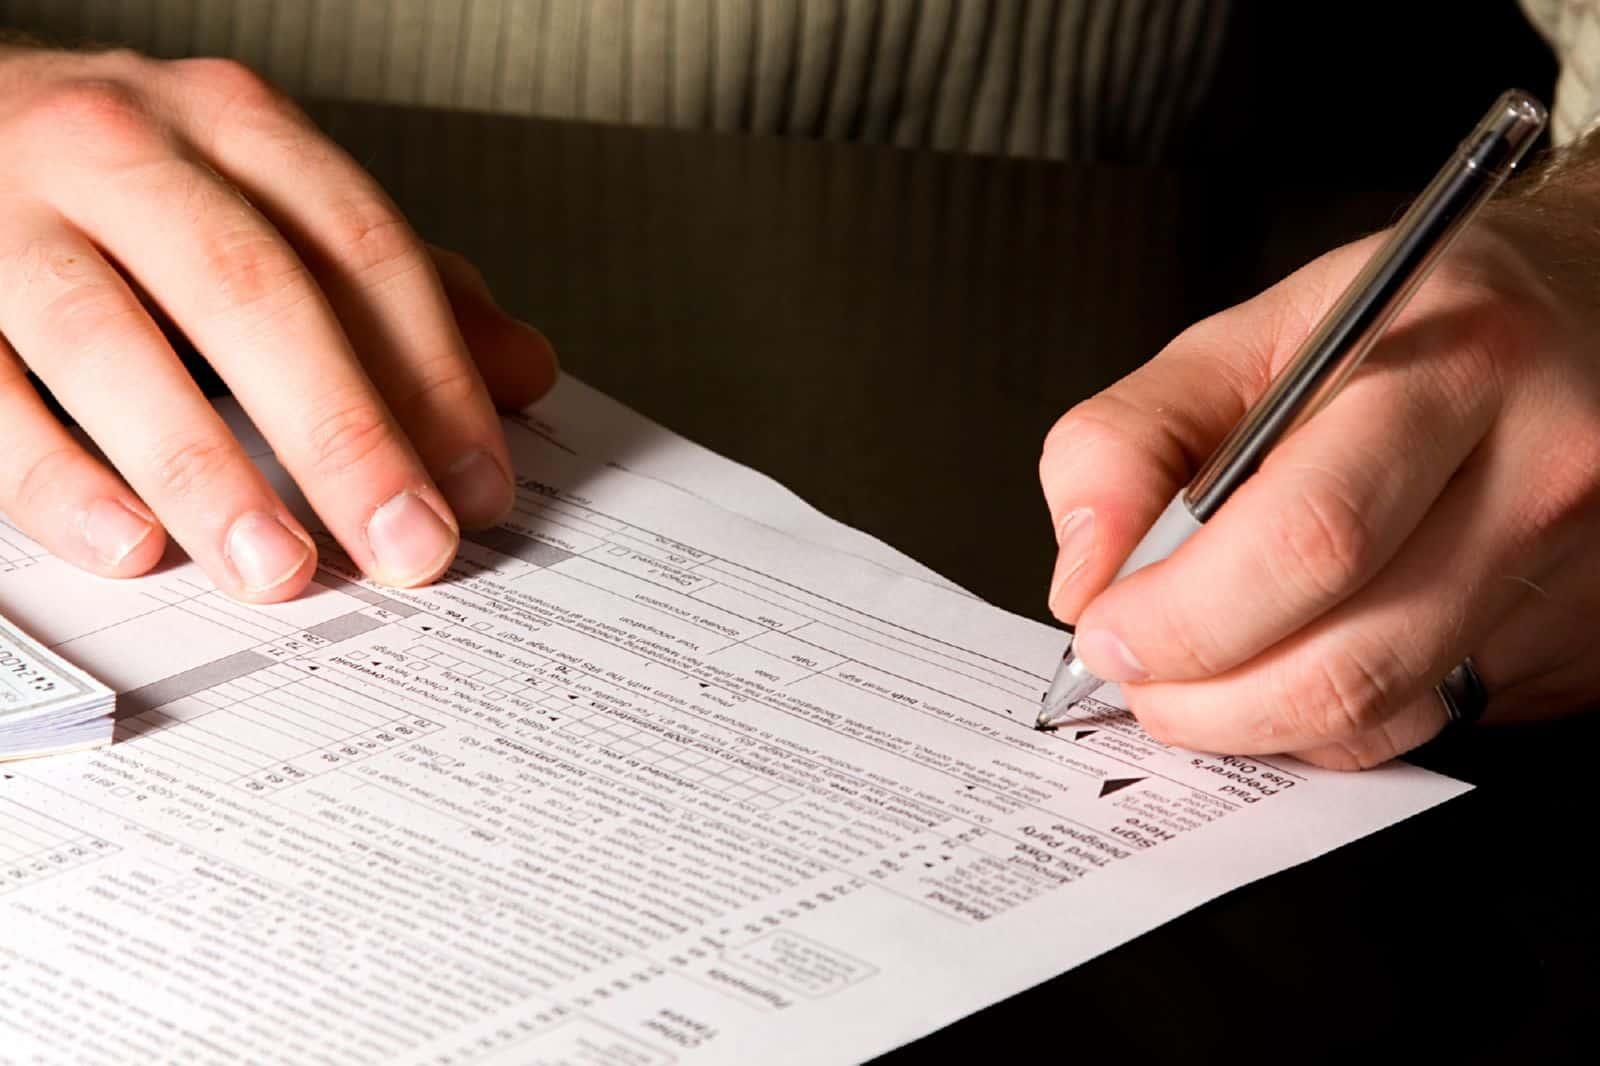 Что такое декларация, значение декларации, работа по декларации, формирование деклараций